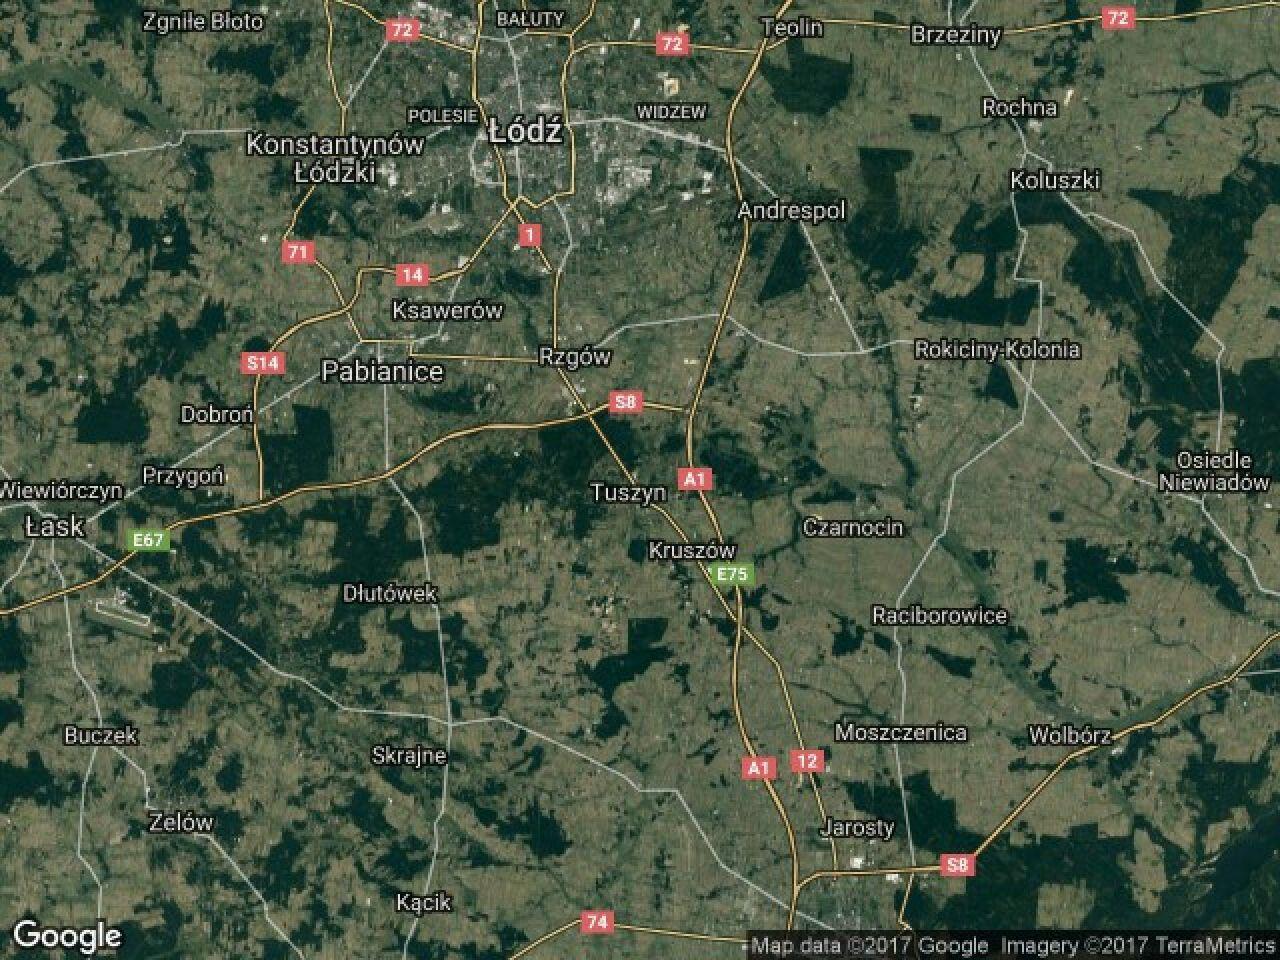 Działka budowlana Tuszyn